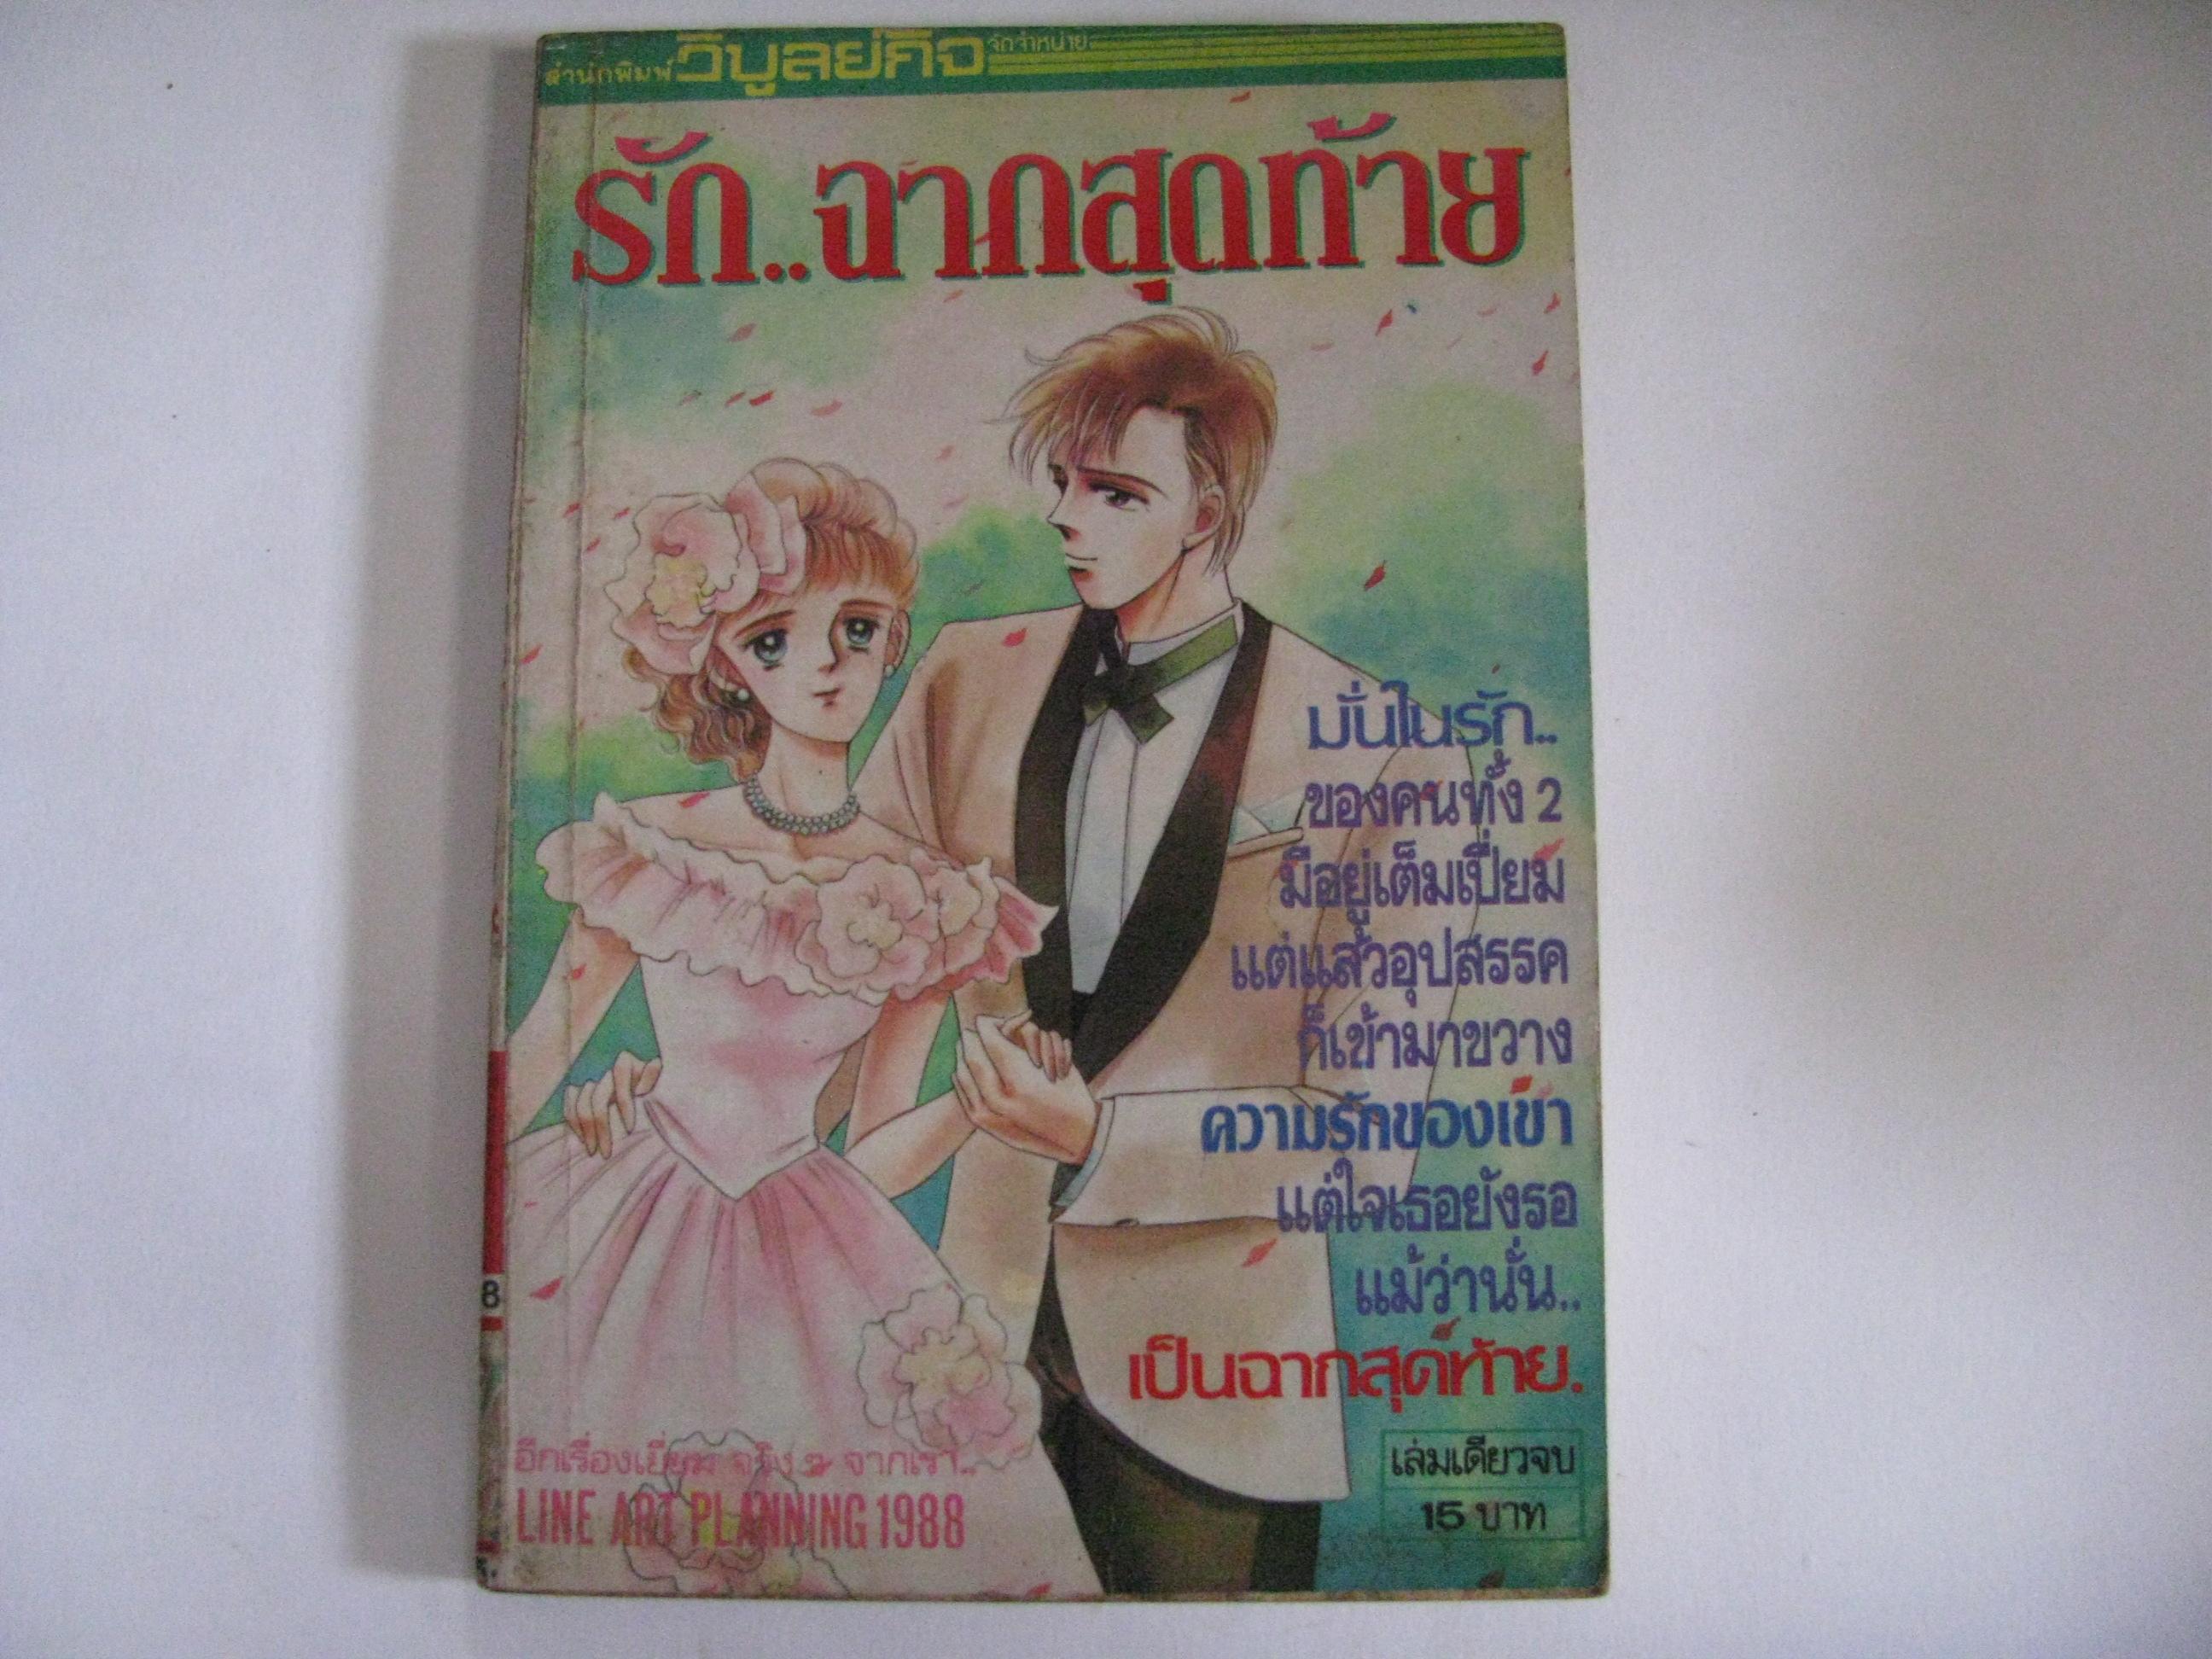 รัก..ฉากสุดท้าย เล่มเดียวจบ Shize Hagimori เขียน